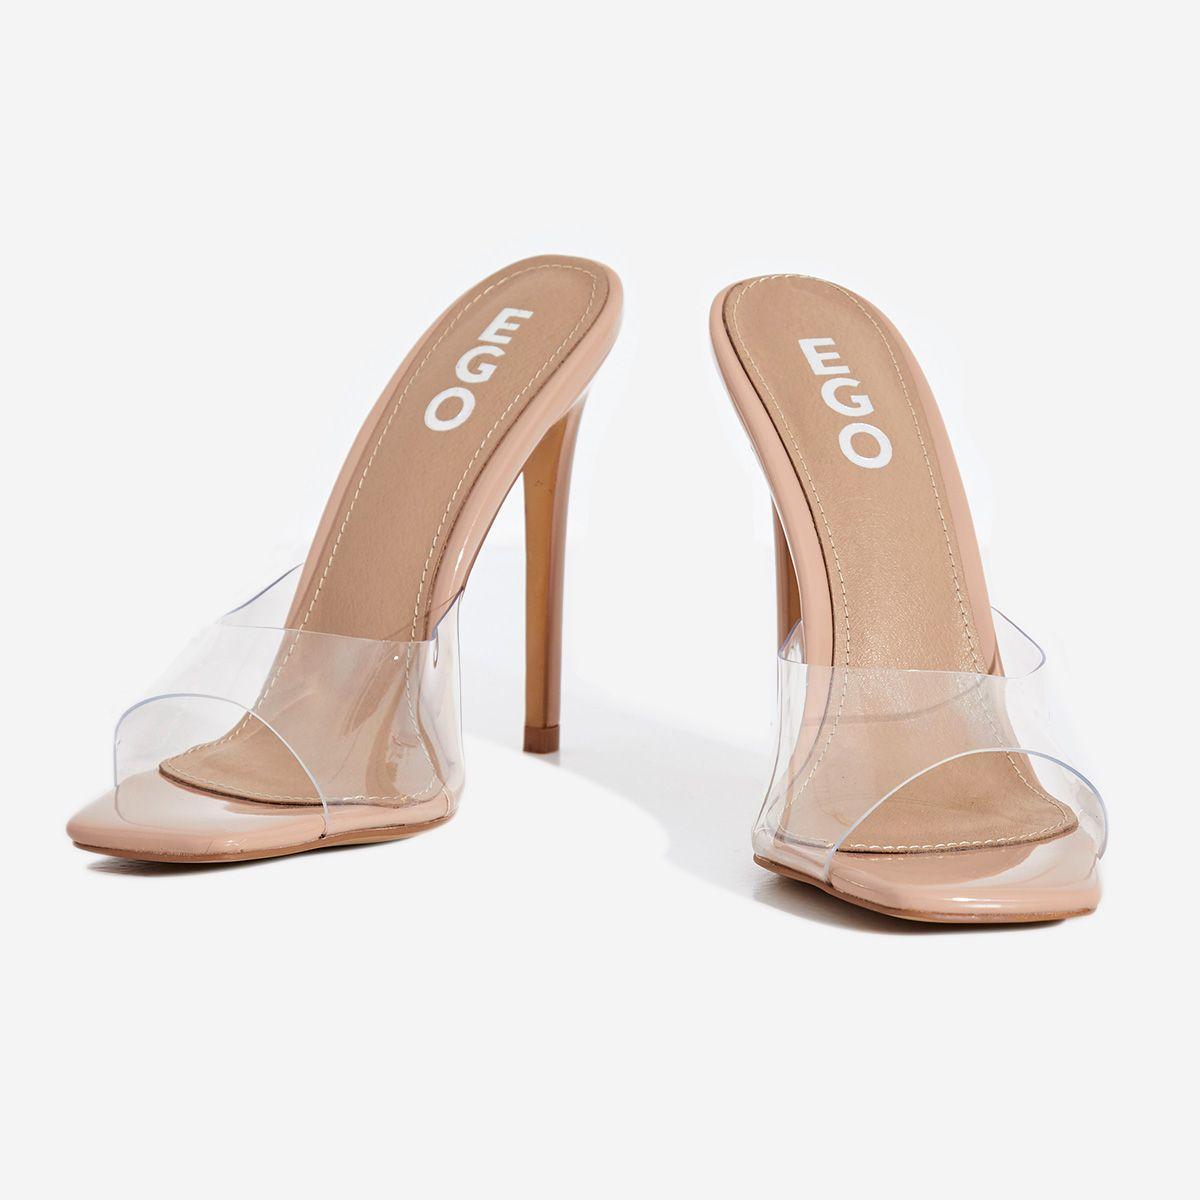 Cyan Square Toe Clear Perspex Peep Toe Heel Mule In Nude Patent Image 3